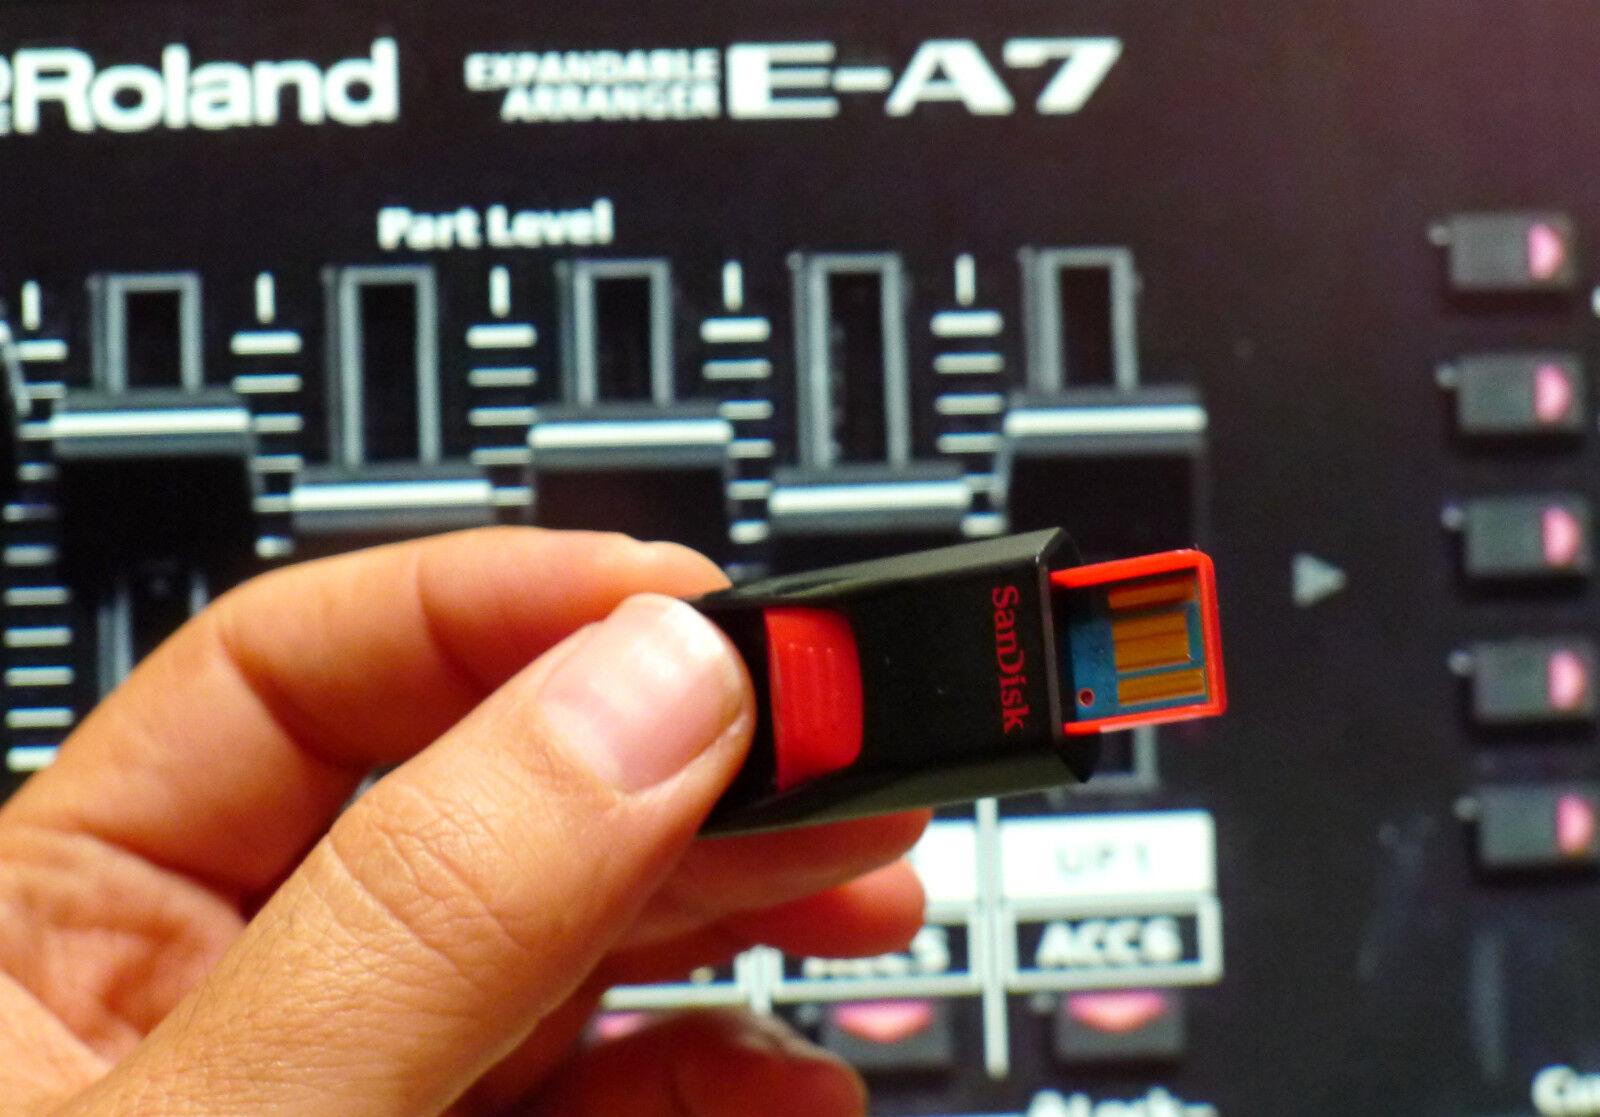 Usb pen drive 13.000 styles & tons of karaoke midi songs for Roland EA7 E A7